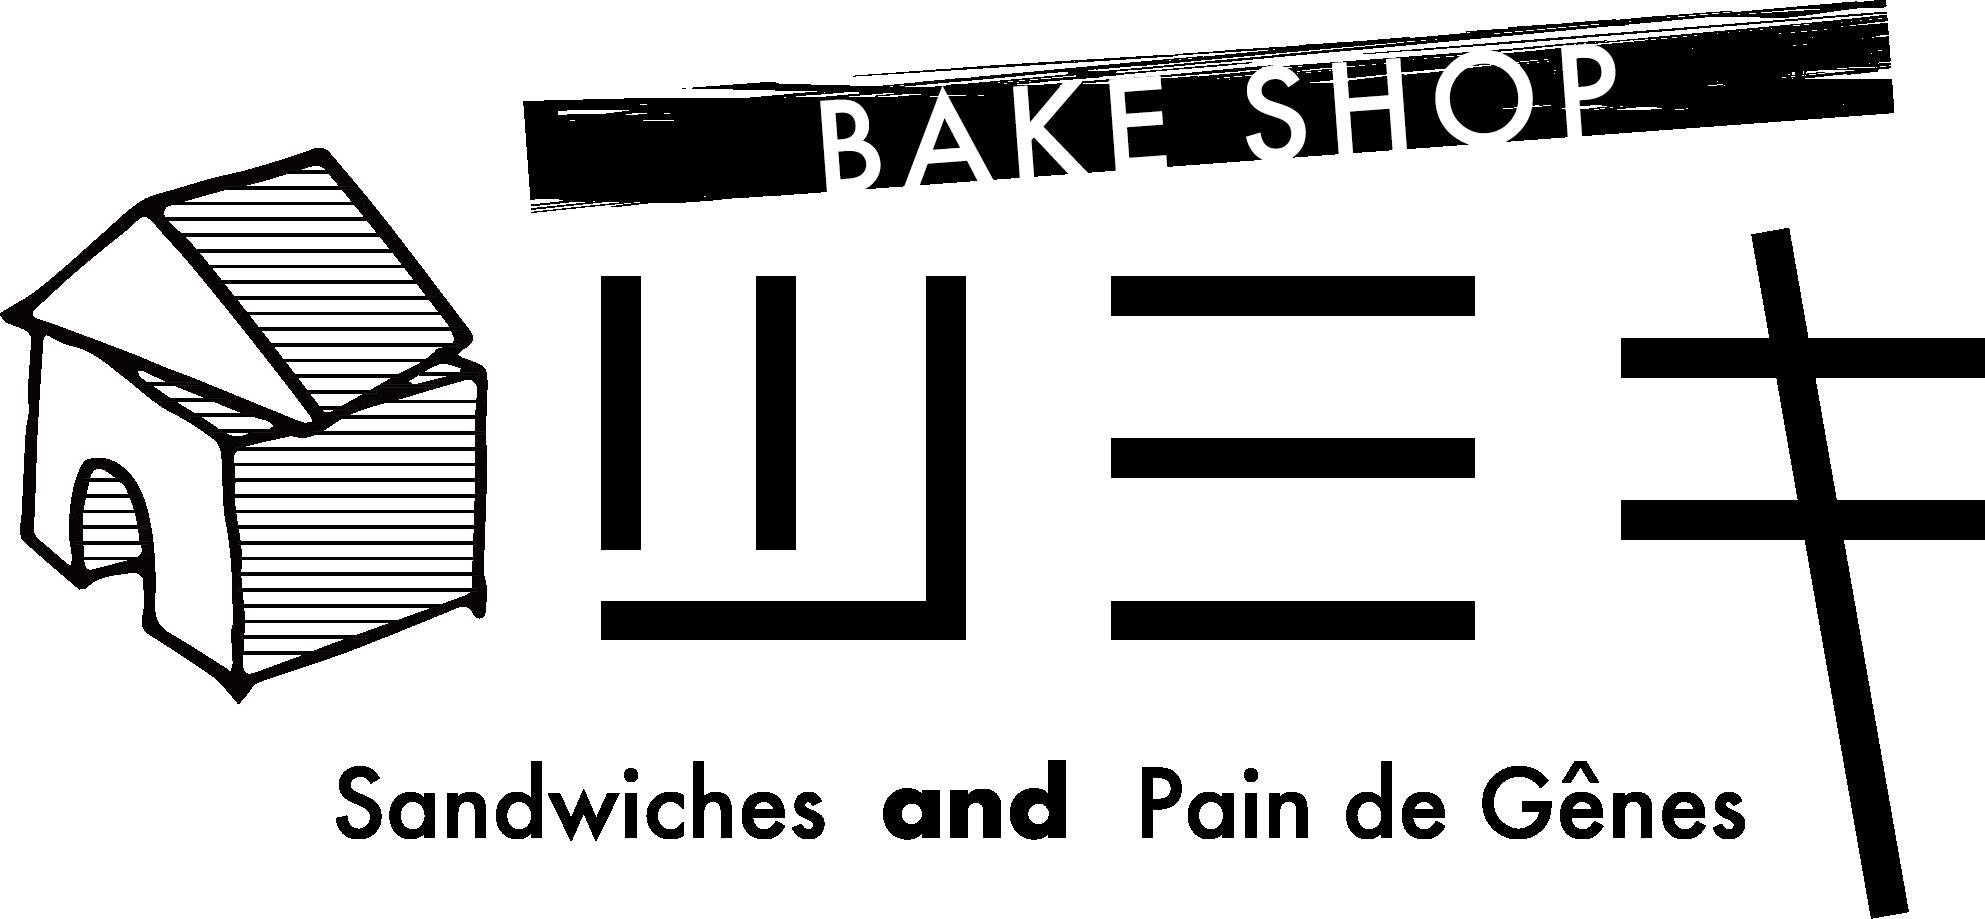 BAKE SHOP ツミキ ロゴ